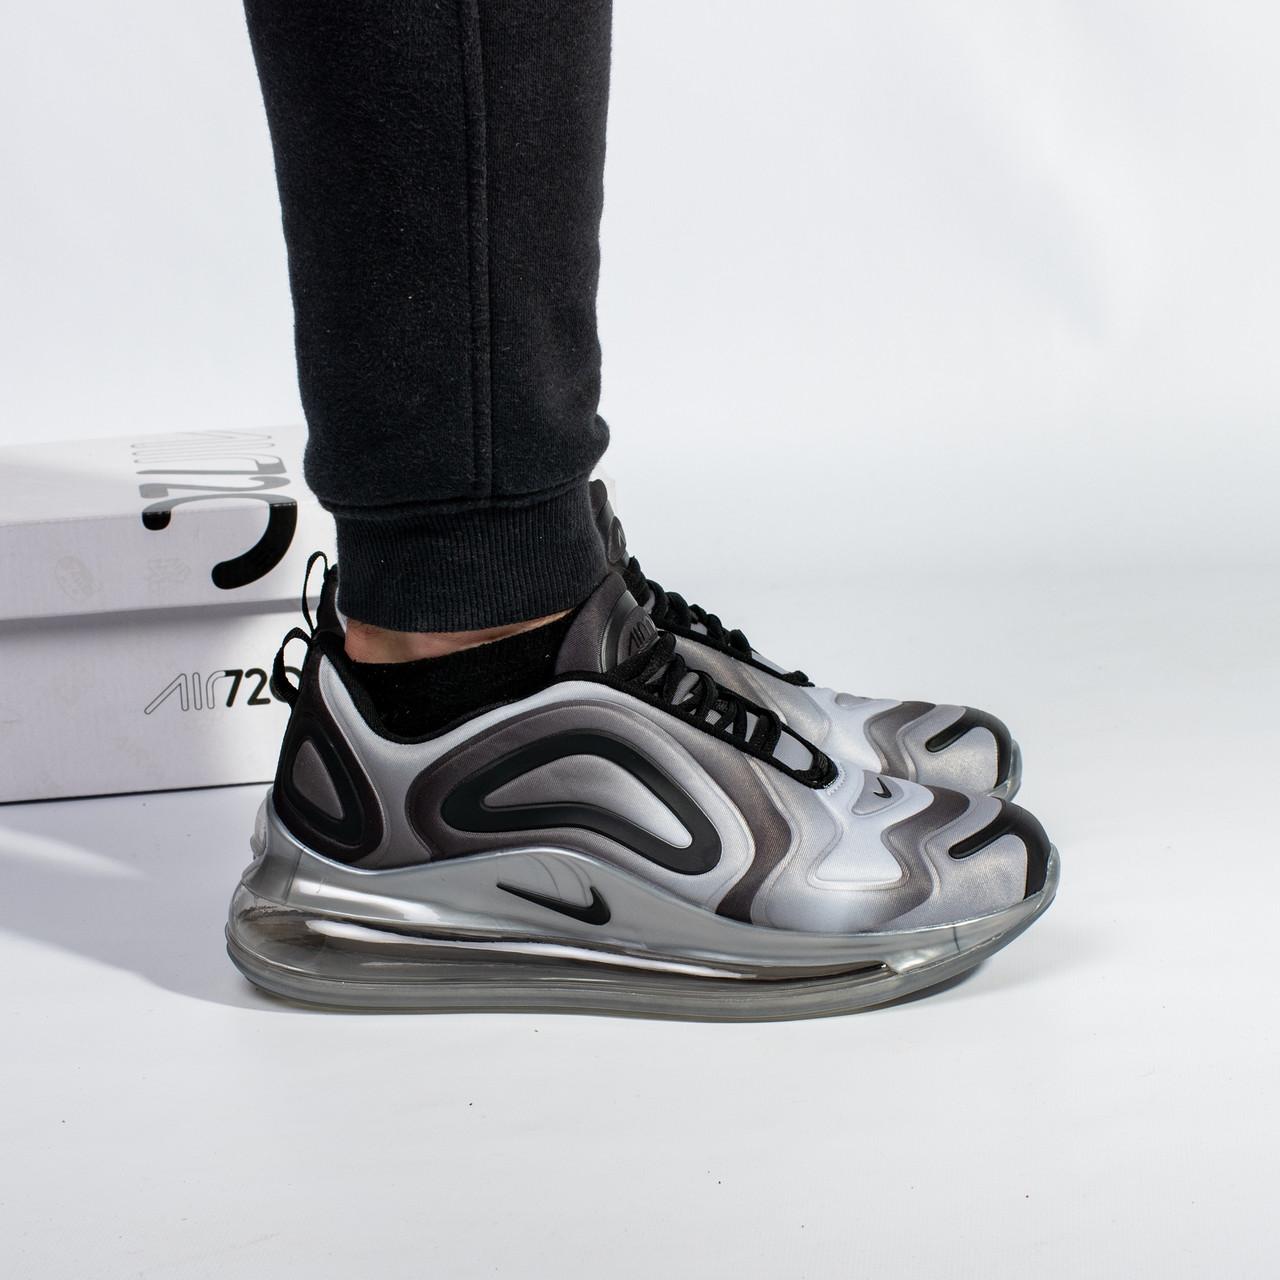 Мужские кроссовки в стиле Nike Air Max 720 Gray (41, 42, 43, 44, 45 размеры)